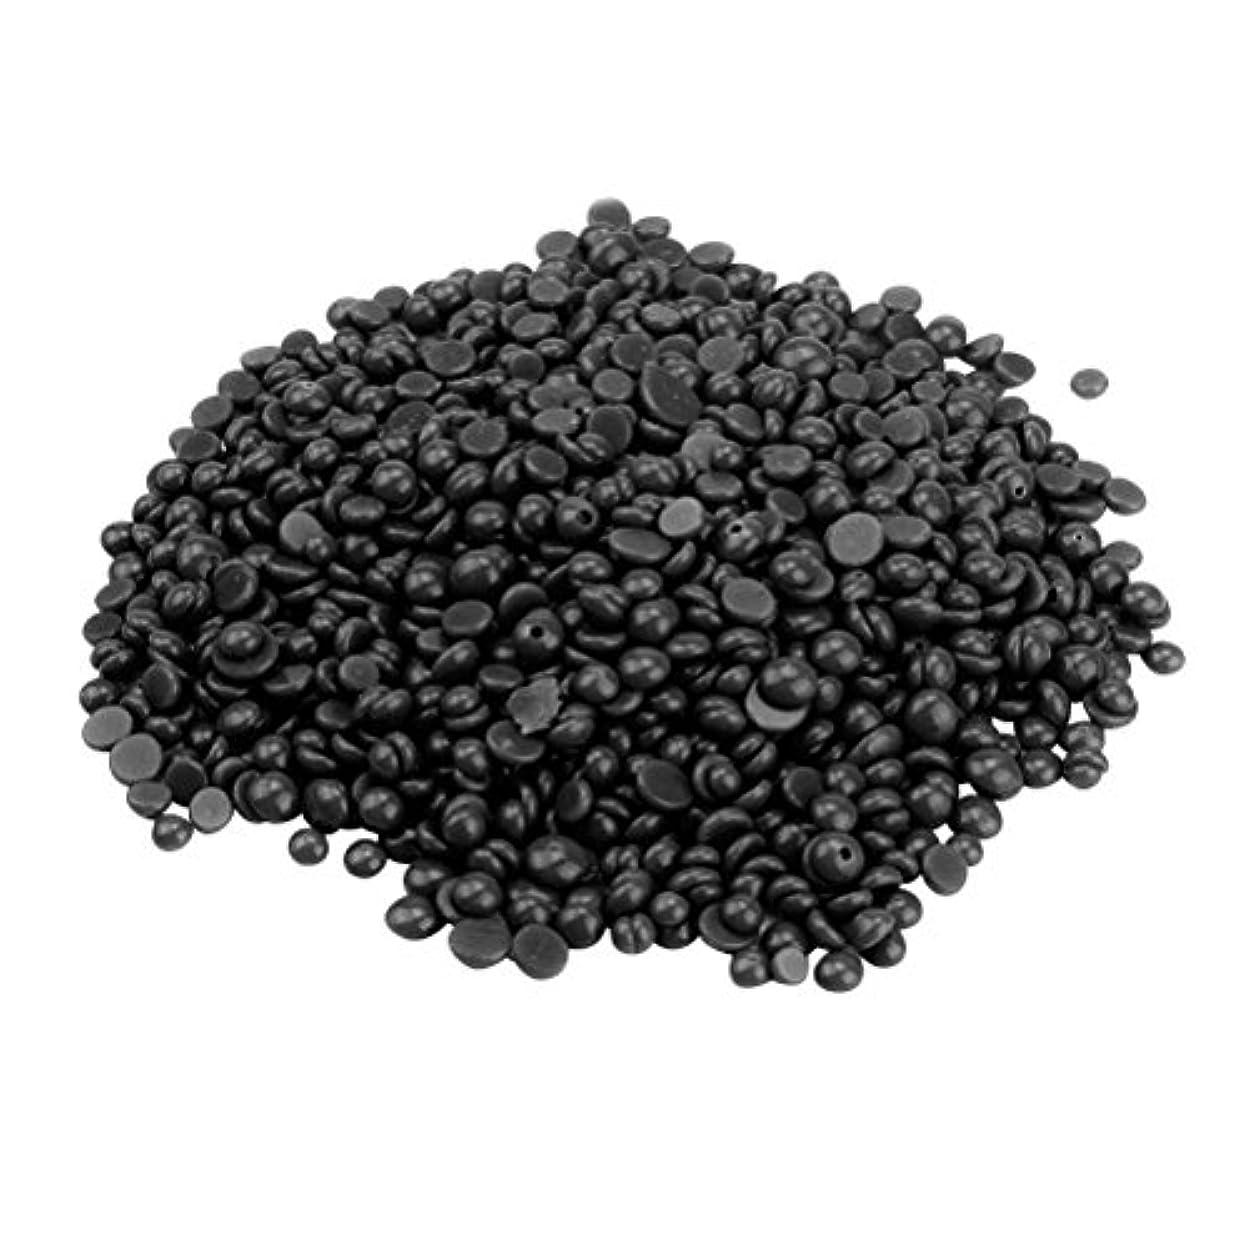 ROSENICE ハードワックス豆 脚の脱毛 いいえストリップ脱揮発性のパール 辛い 脱毛 400g (ブラック)